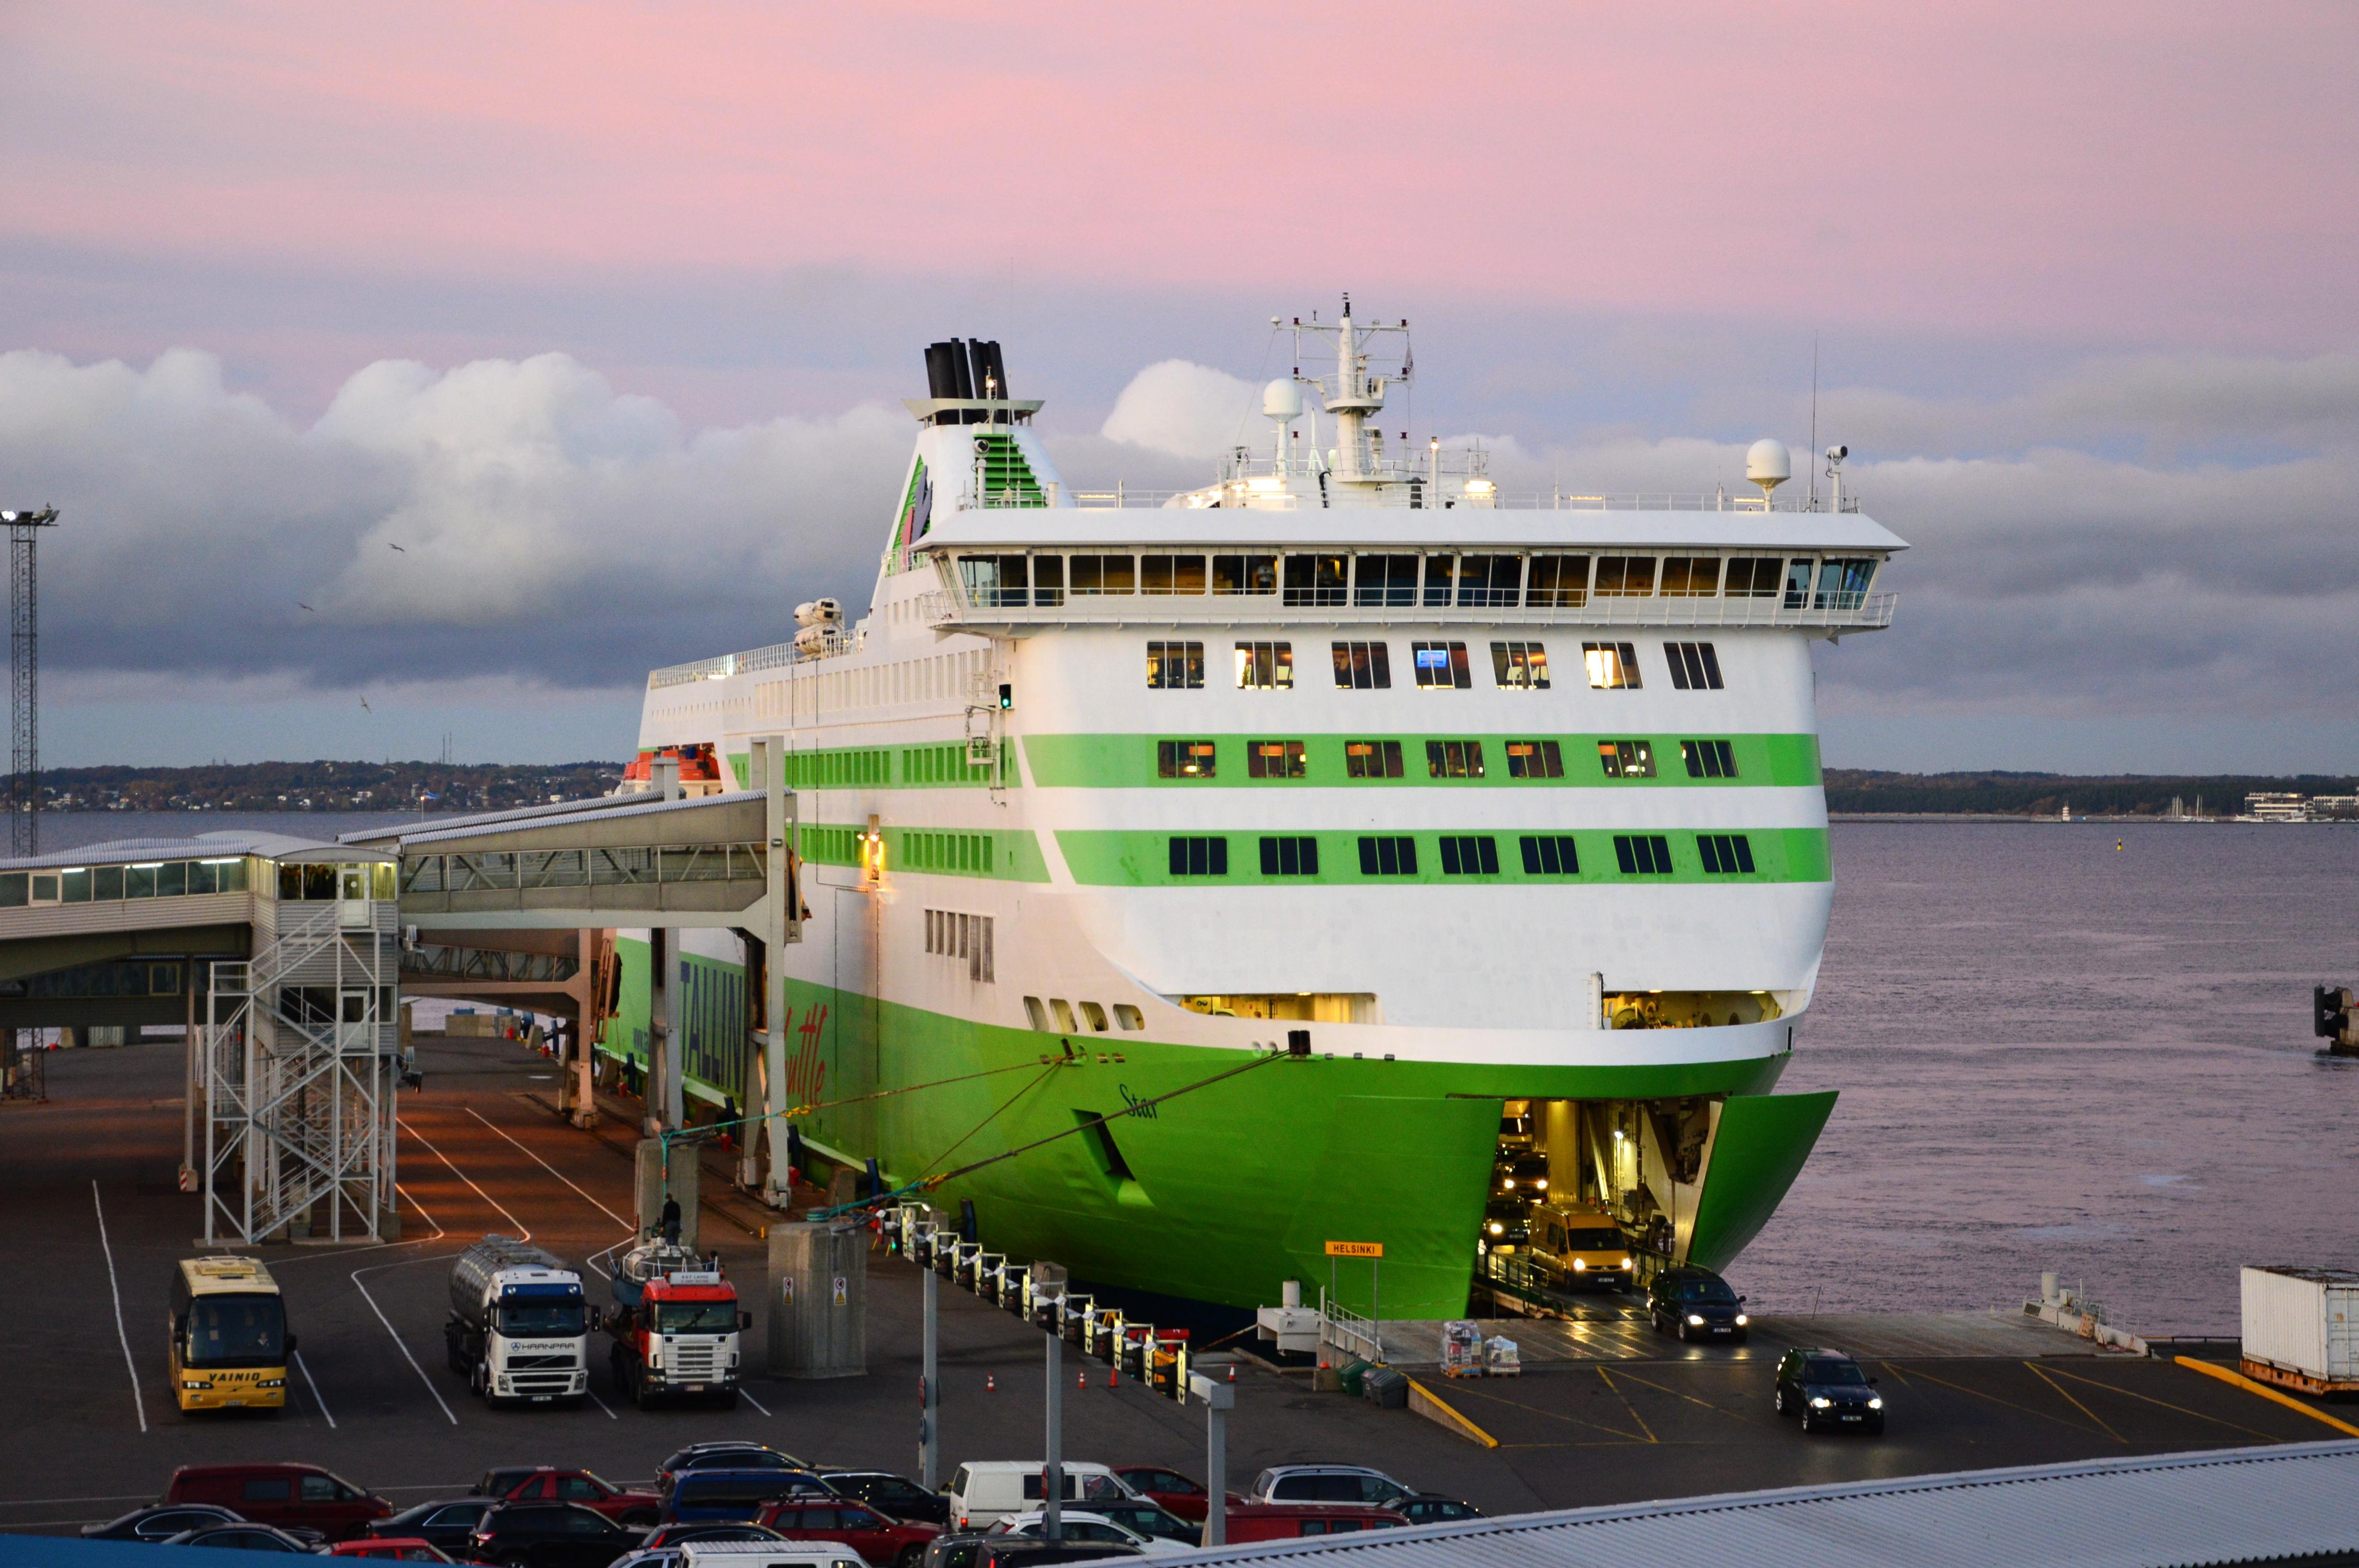 File:Tallink Star in 2013.JPG - Wikimedia Commons